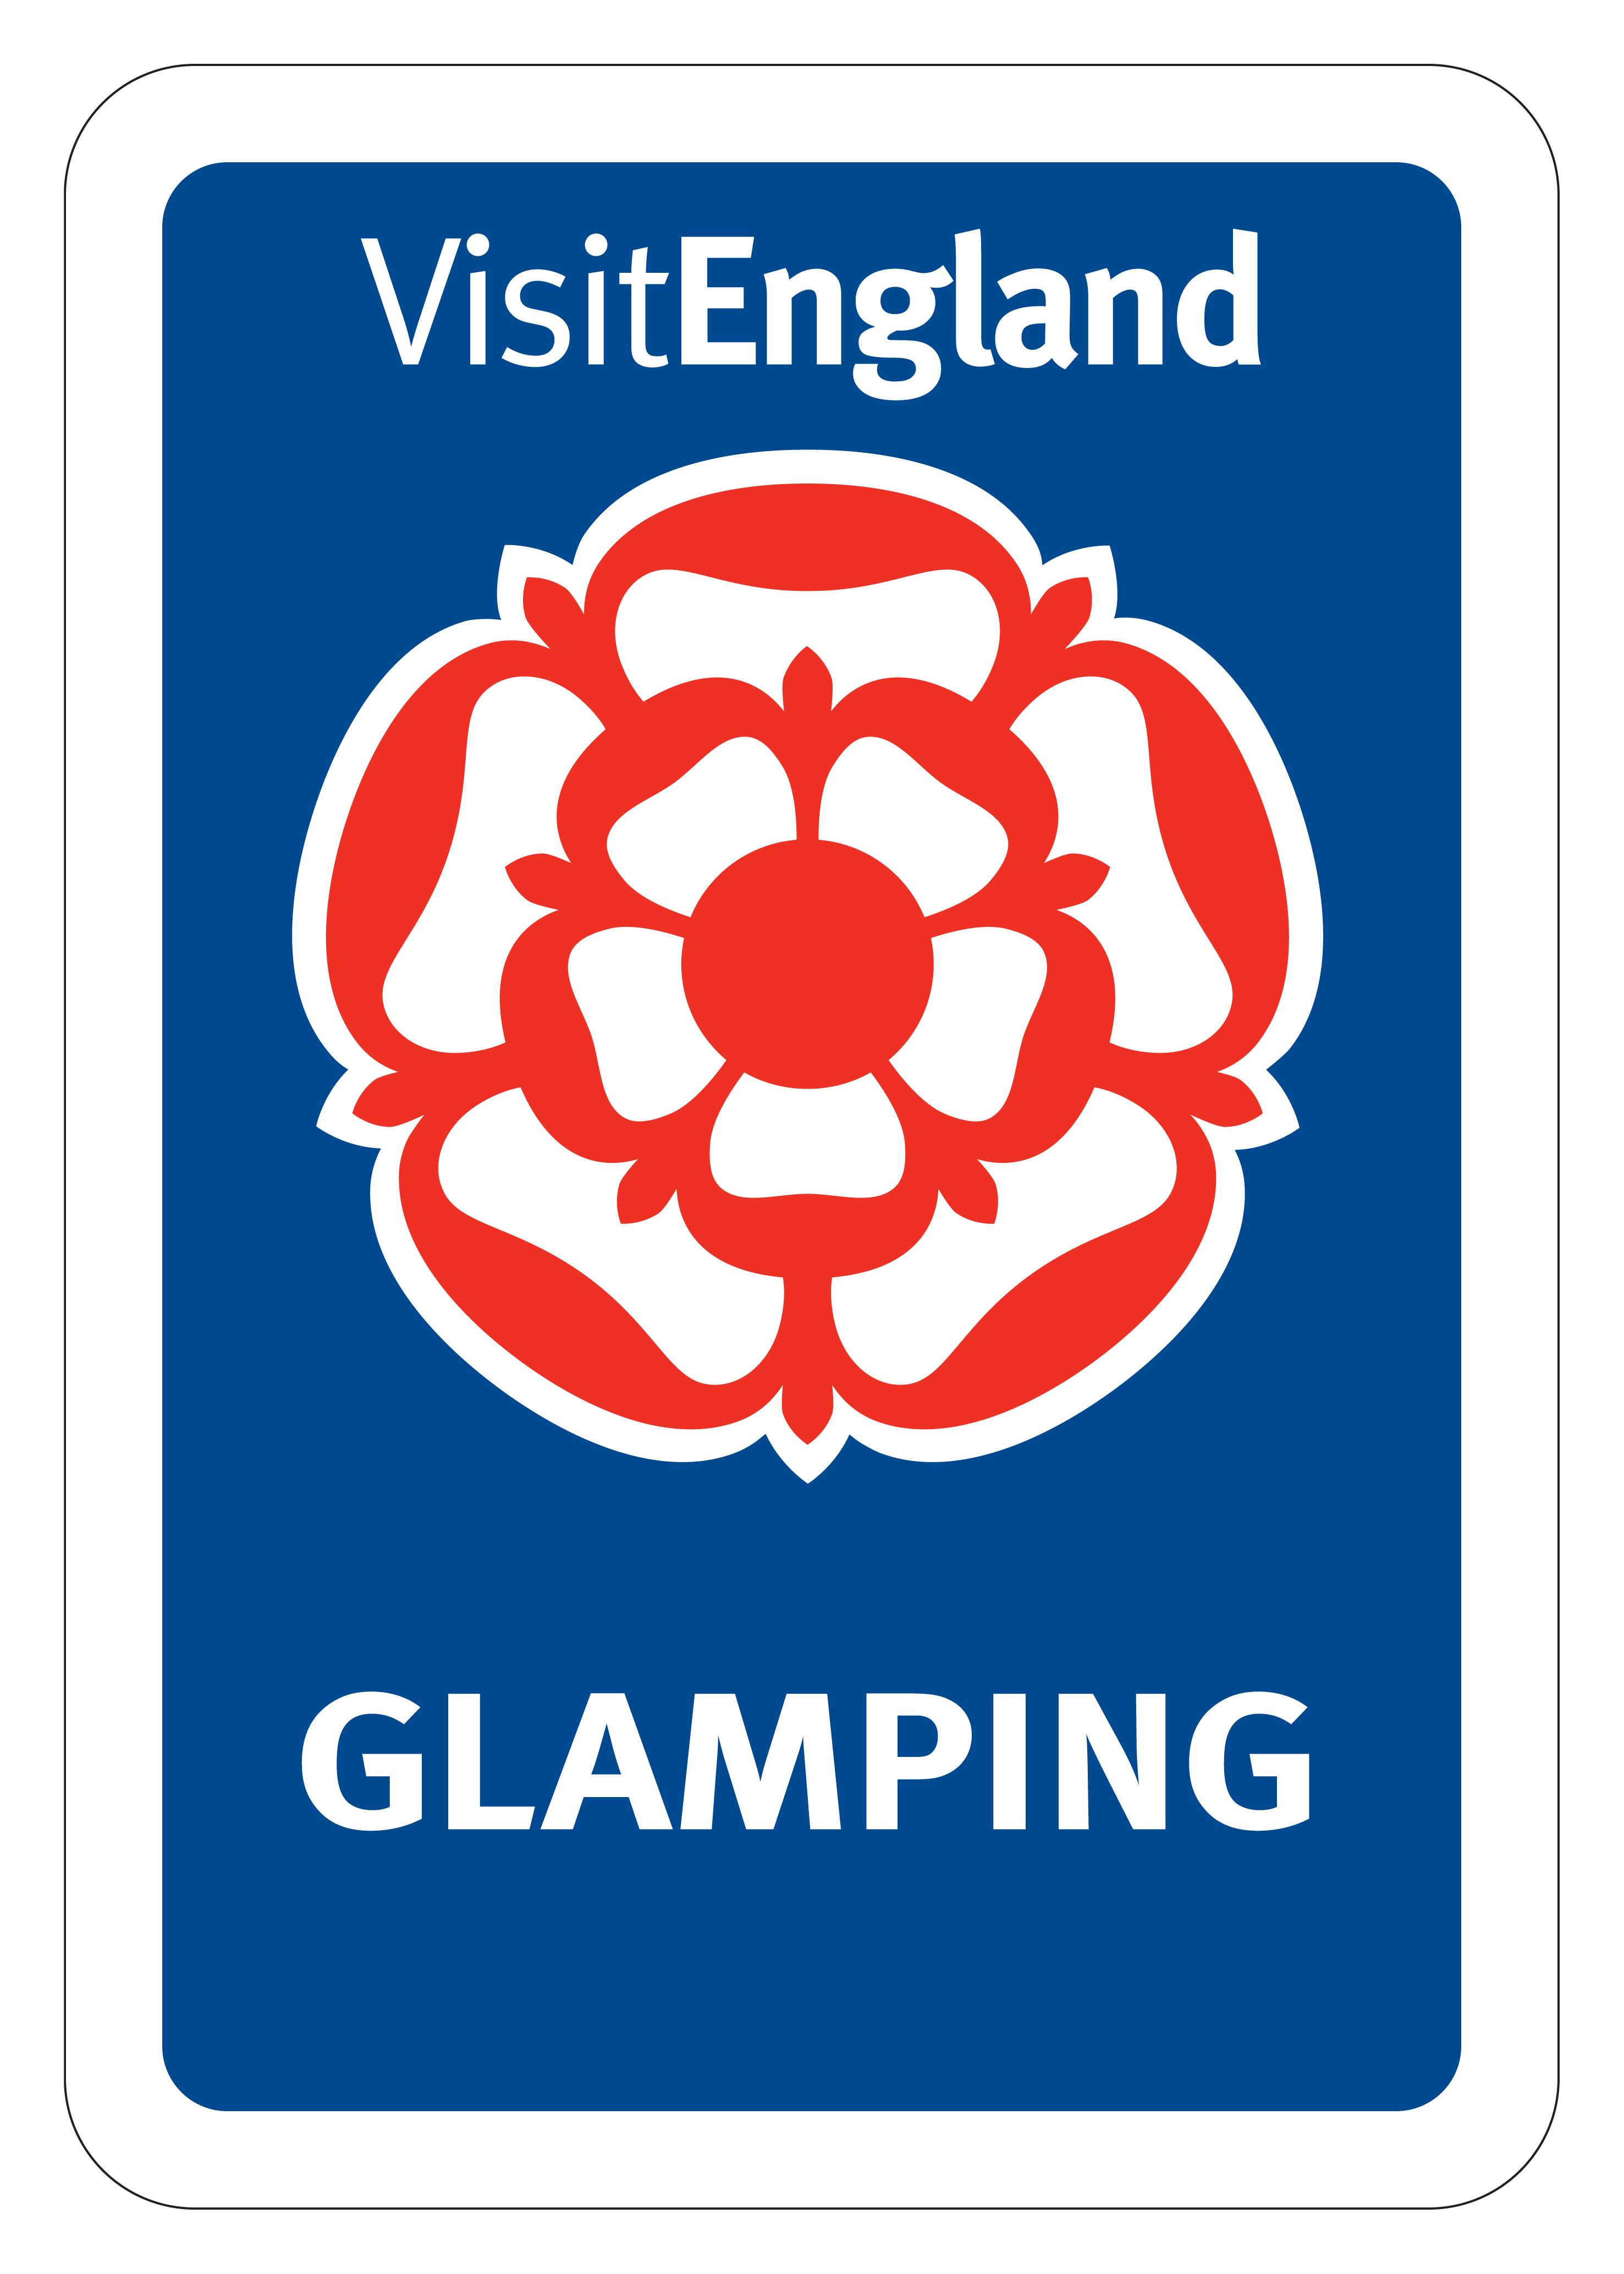 Visit Englang Glamping logo